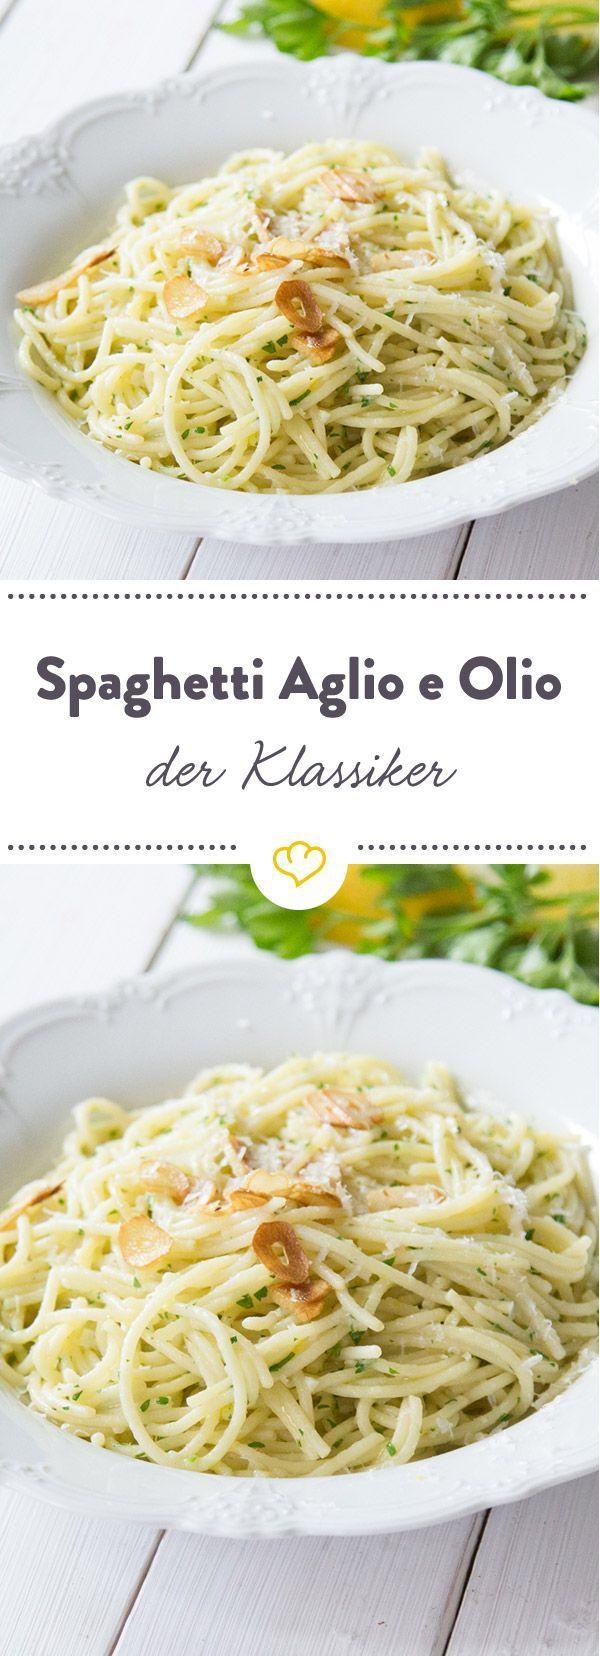 Spaghetti Aglio e Olio – So simpel und so lecker